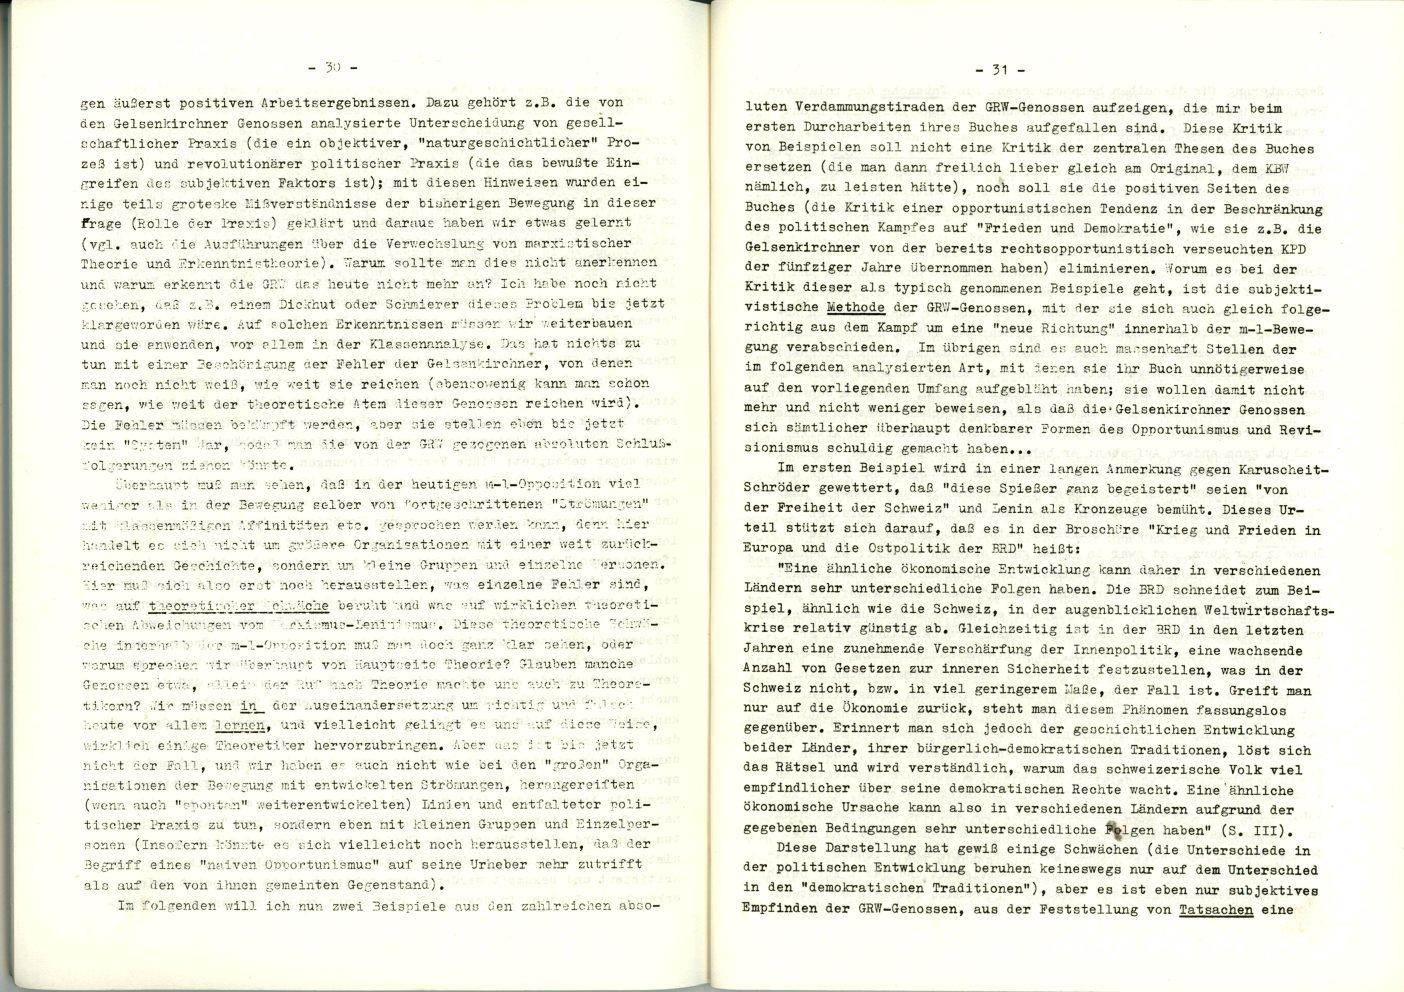 Nuernberg_Fuerth_Erlangen_ML_Diskussionsbeitraege_1979_02_16